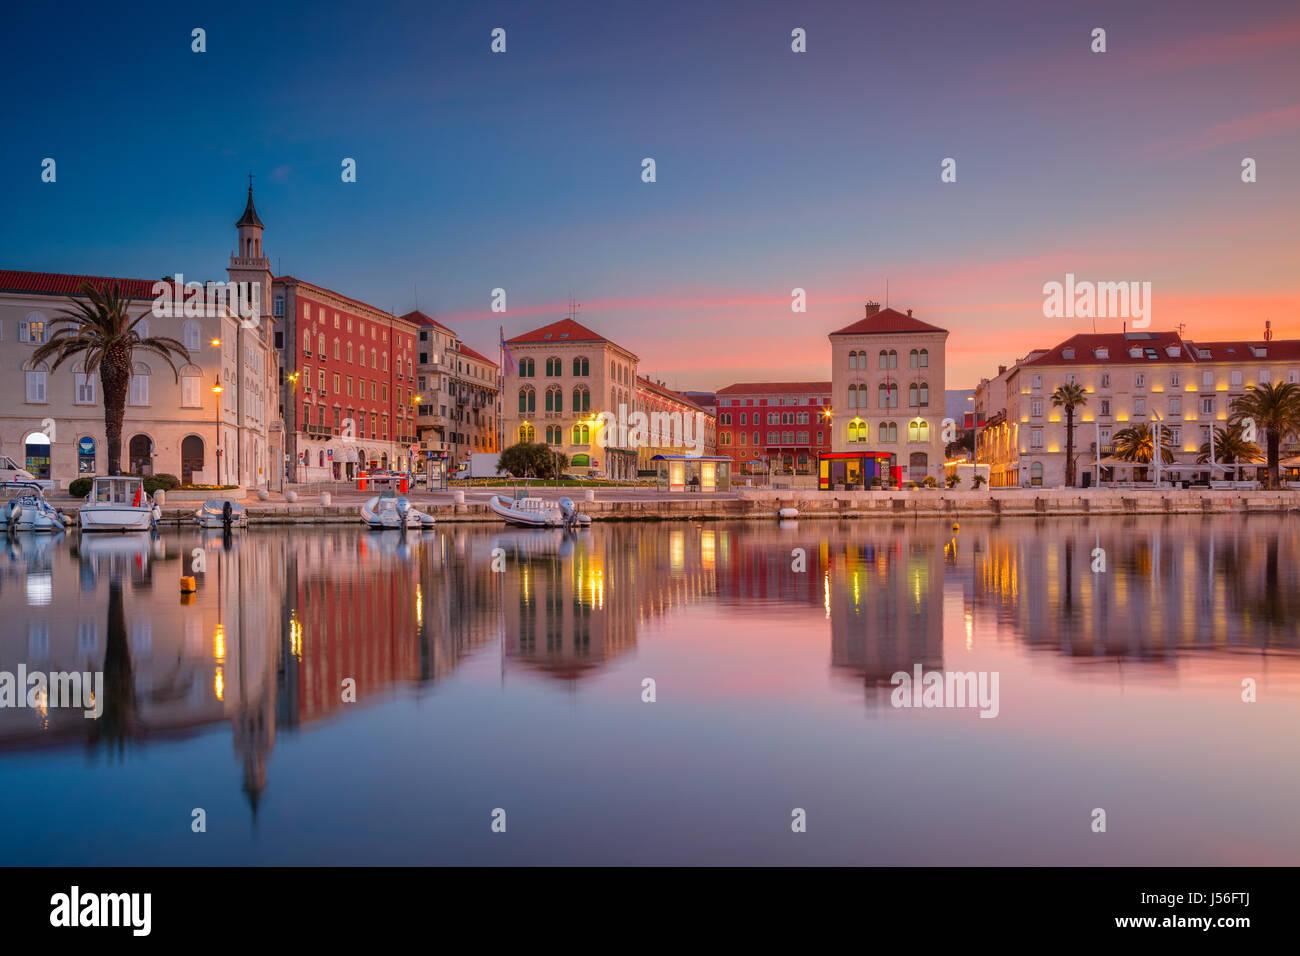 Split. Schöne romantische Altstadt von Split im wunderschönen Sonnenaufgang. Kroatien, Europa. Stockbild